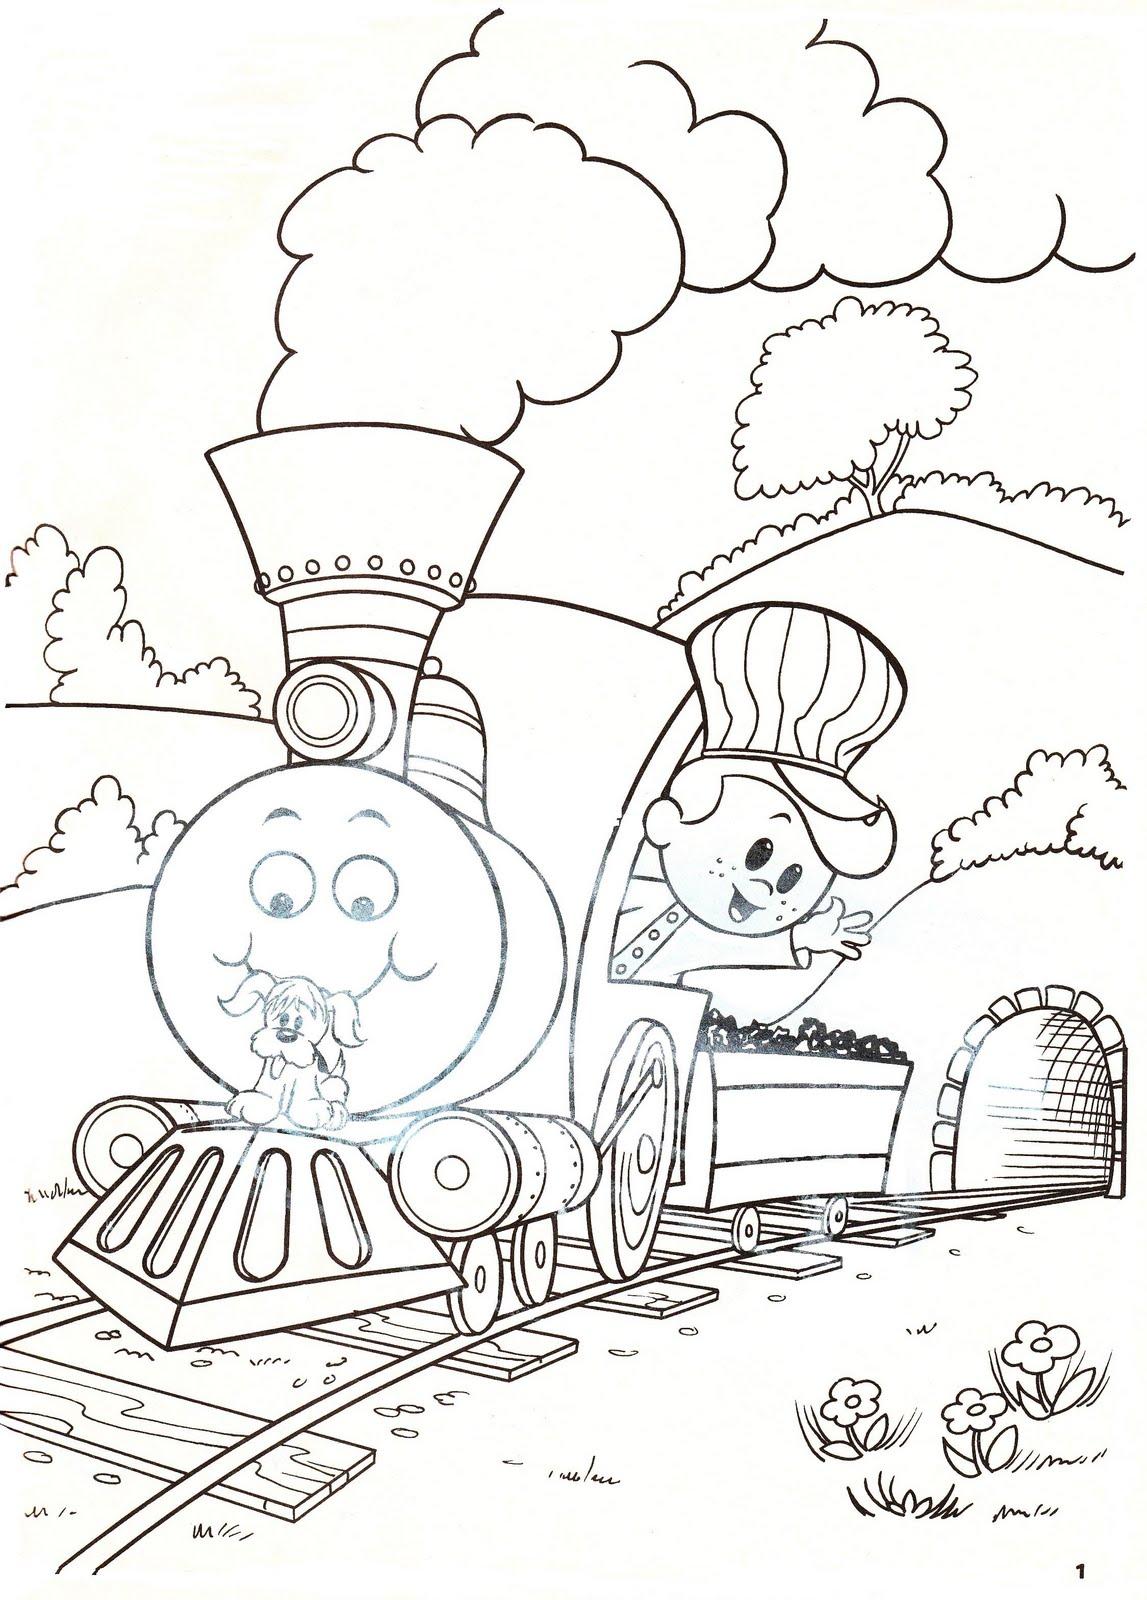 Trenes para colorear - Dibujos para Colorear y Pintar Gratis